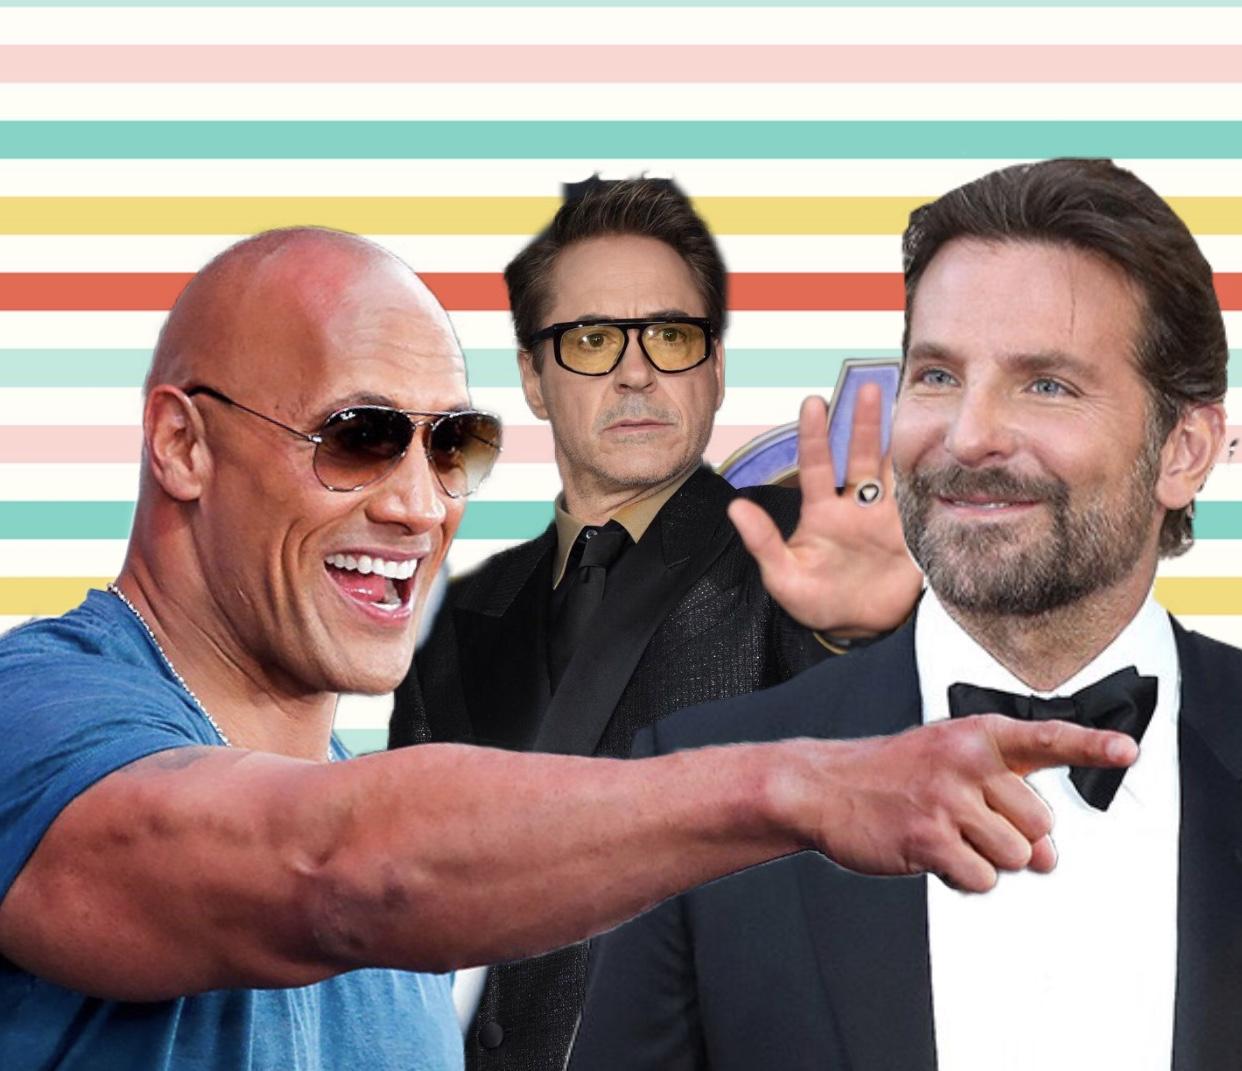 Считаем чужие деньги: сколько заработали голливудские актеры за год?